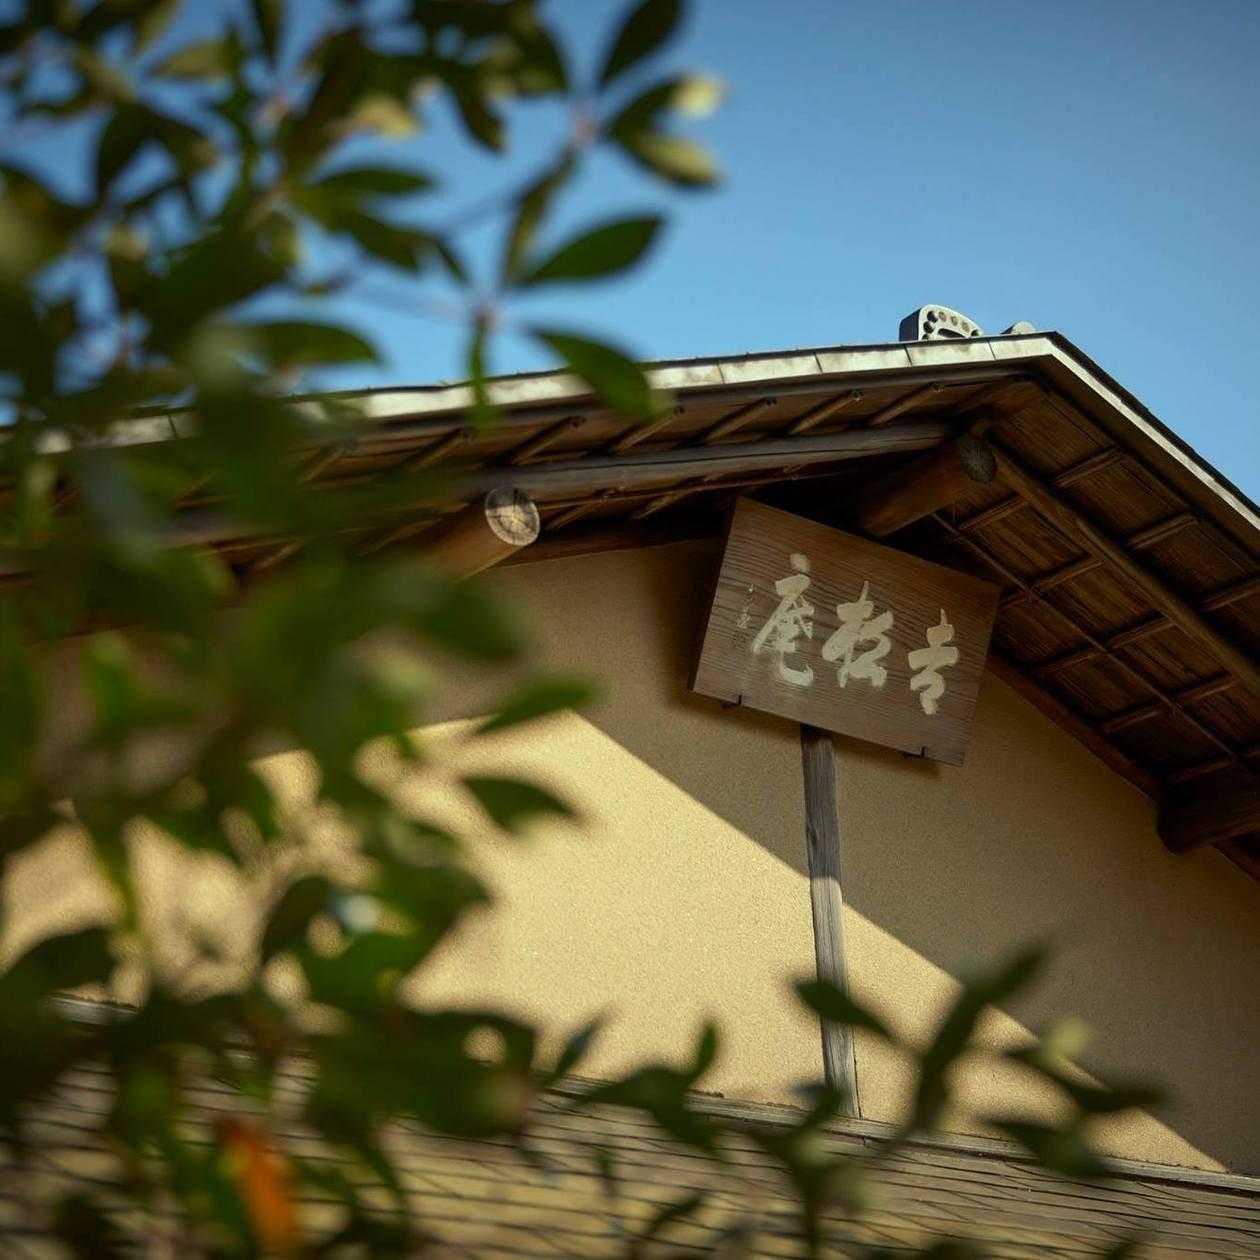 【湘南 鵠沼】吉松庵/江ノ電を傍らに日本庭園とお茶室を楽しみませんか。/ 茶室 撮影 会議 ヨガ 個展  の写真